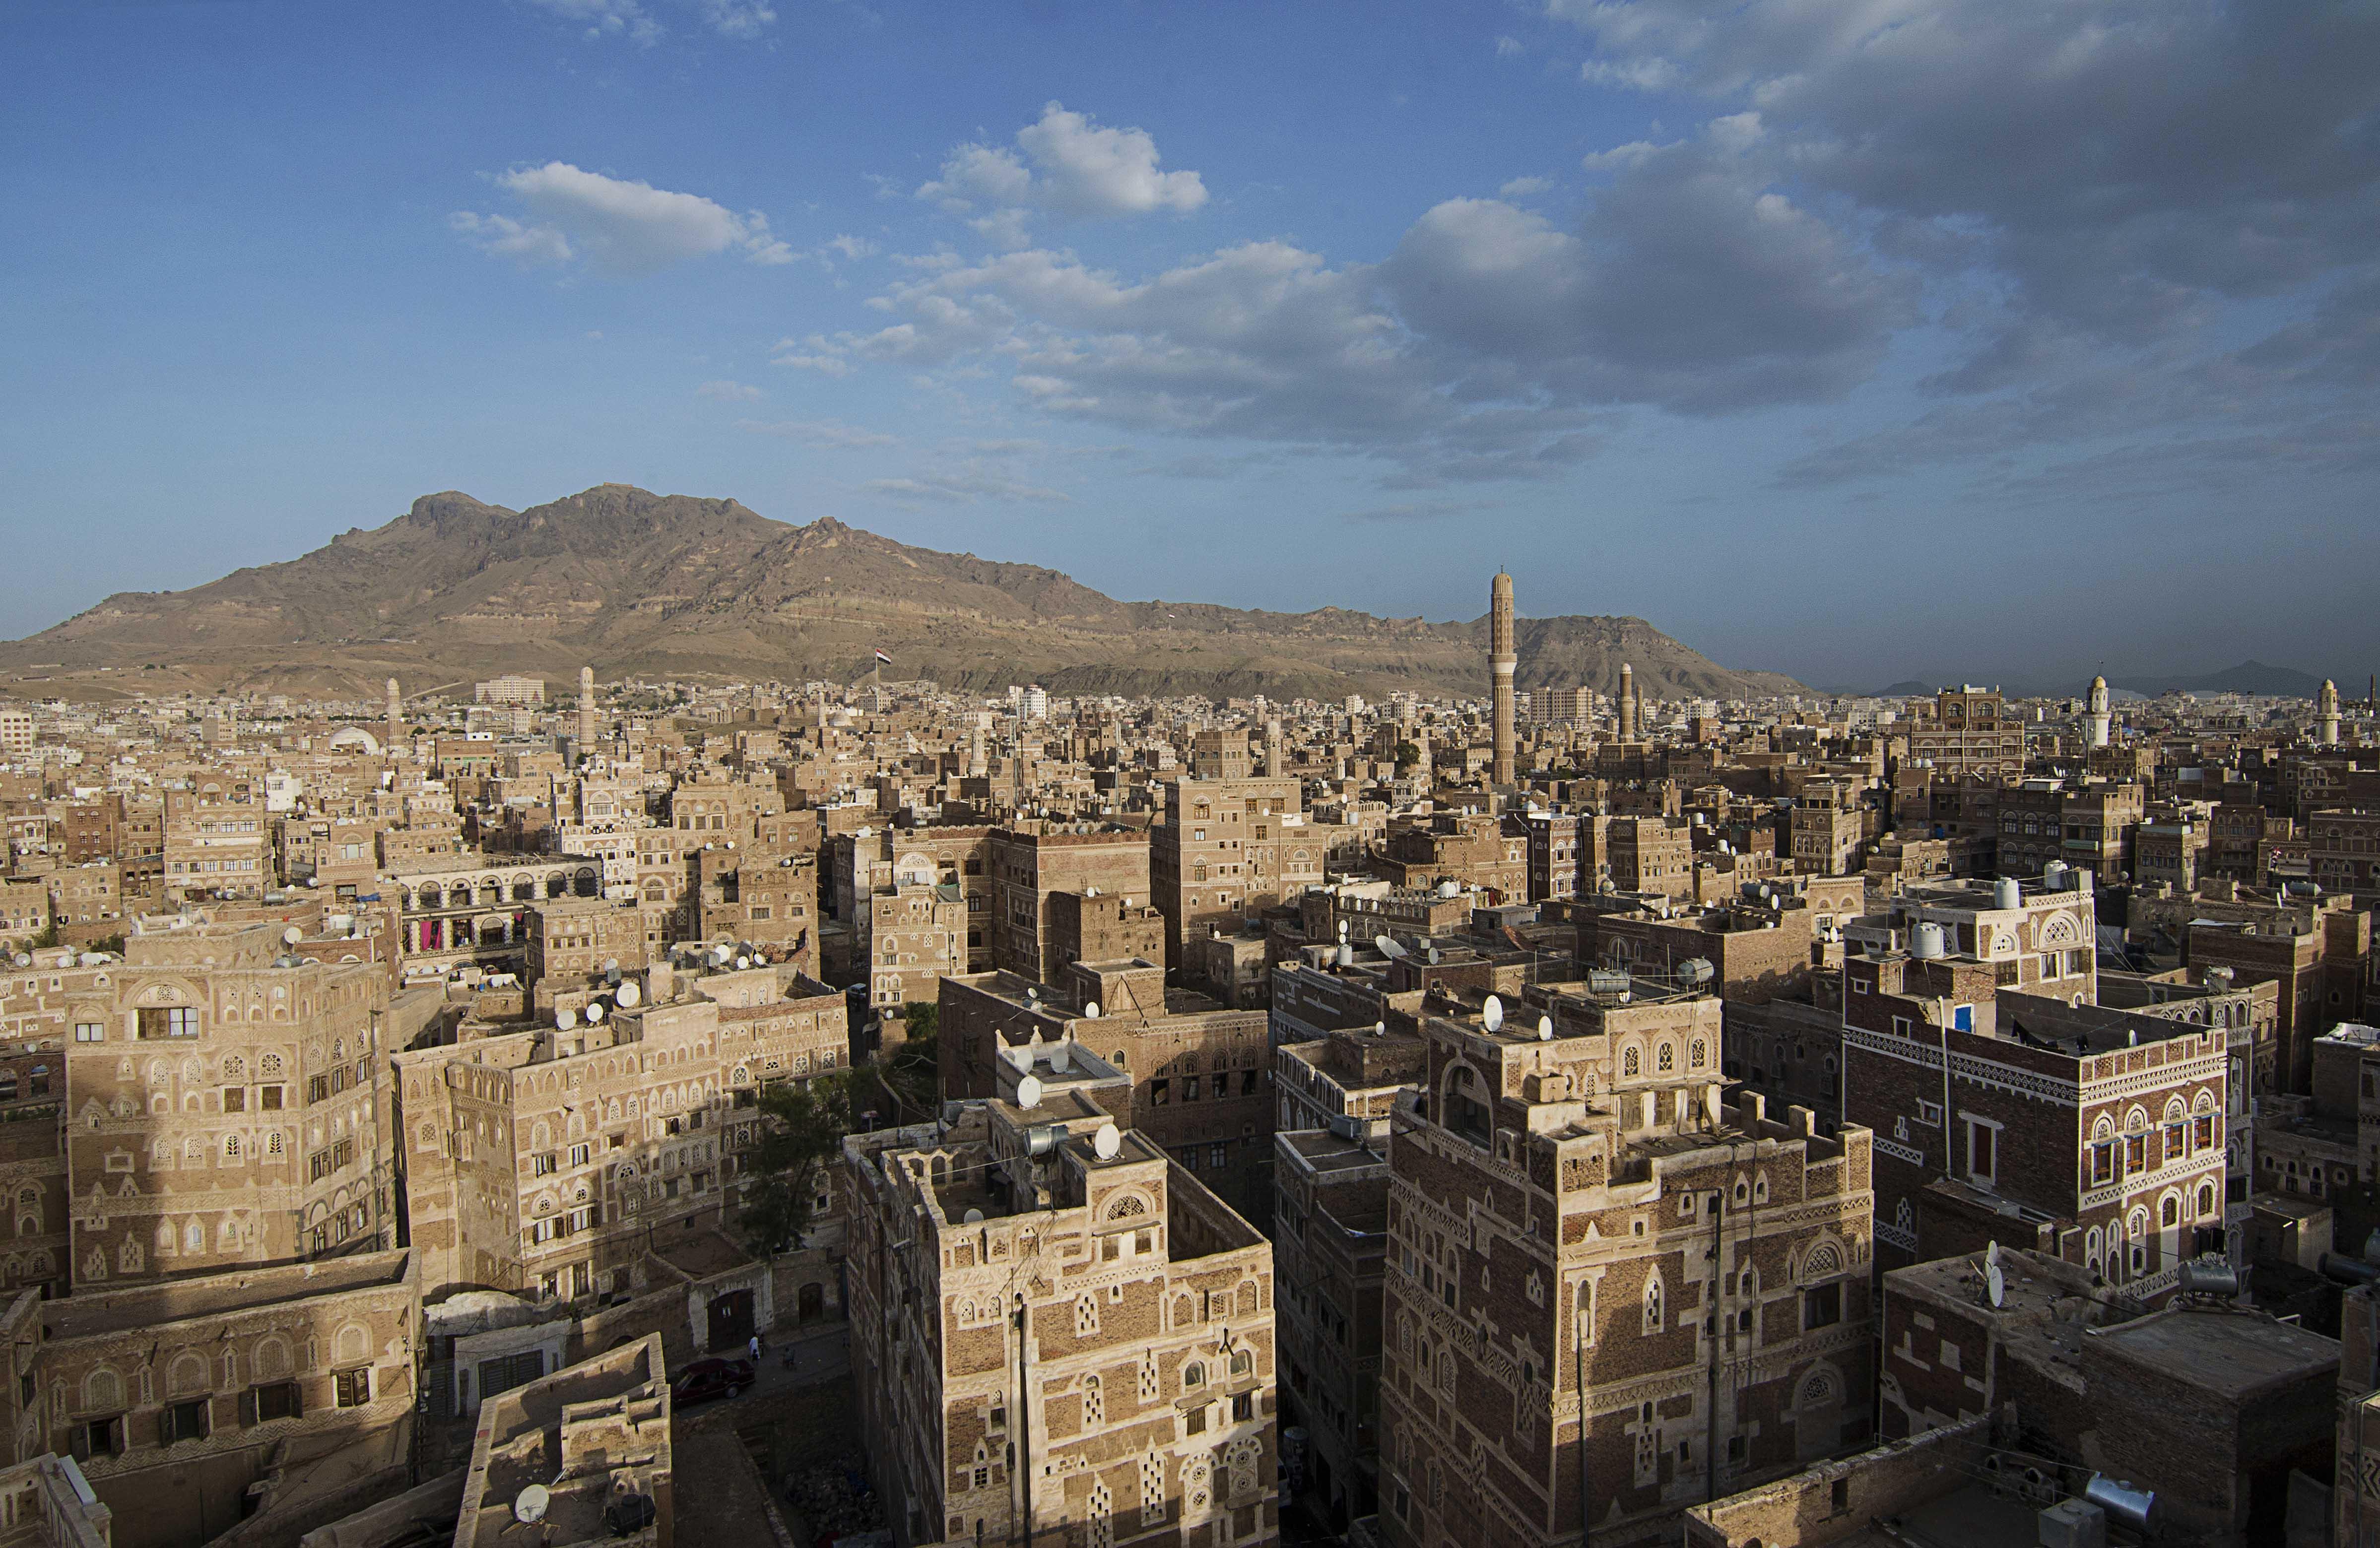 yemen peace project